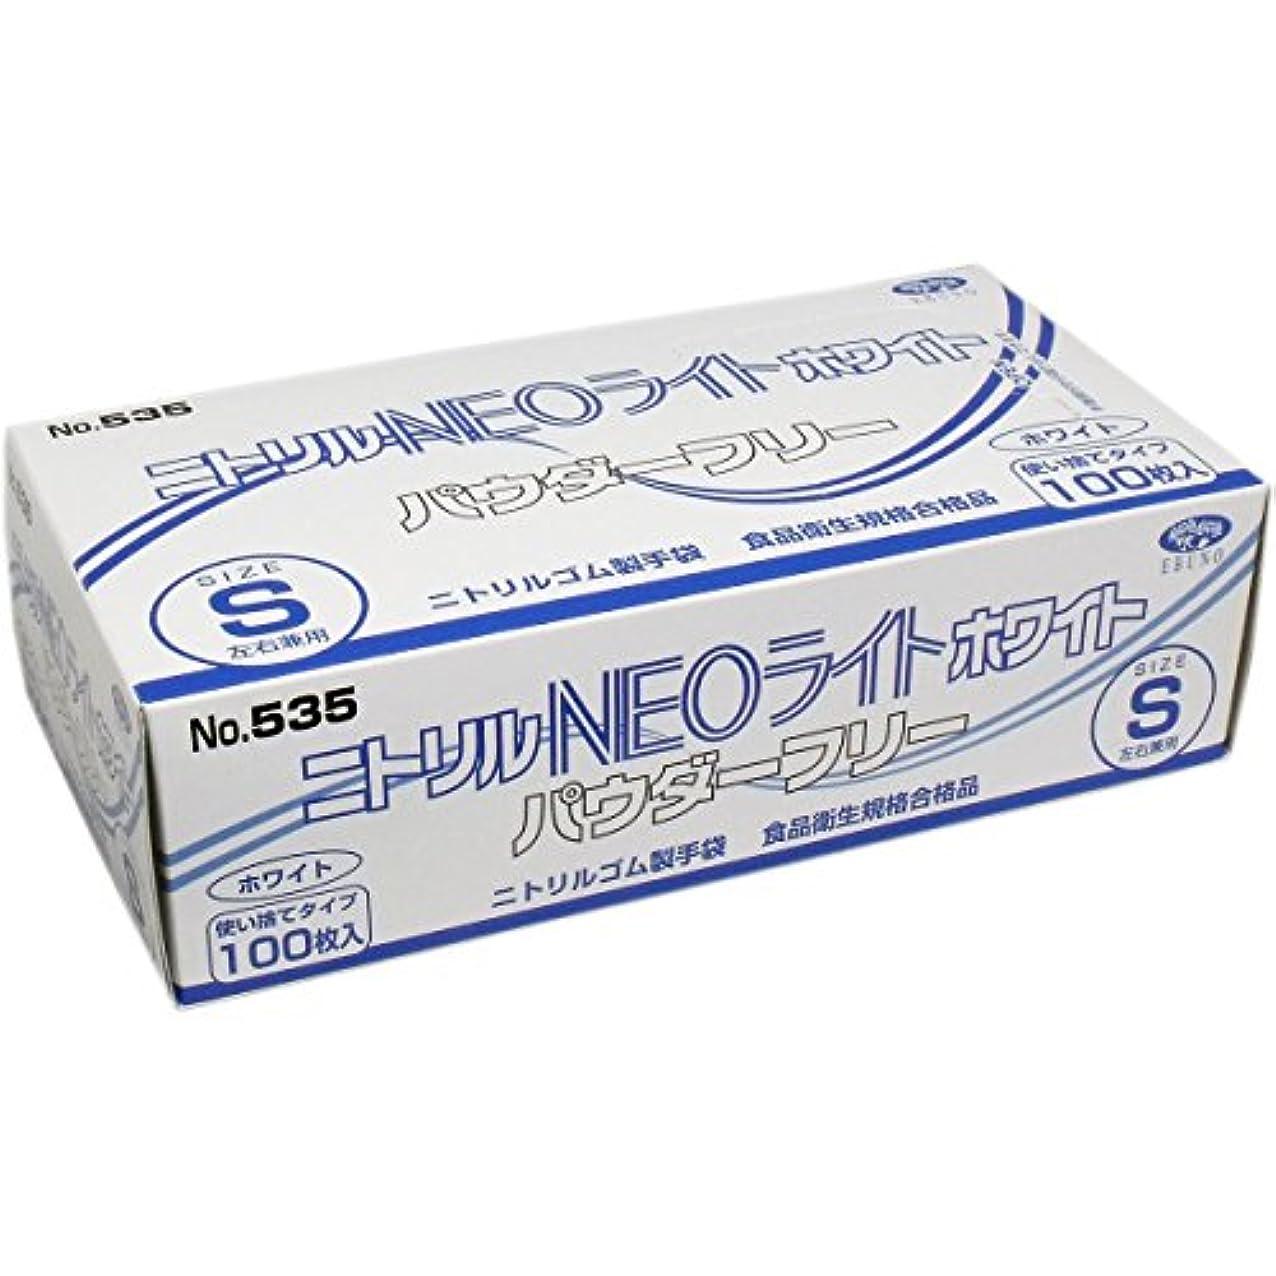 建物ボランティア閃光ニトリル手袋 NEOライト パウダーフリー ホワイト Sサイズ 100枚入×10個セット